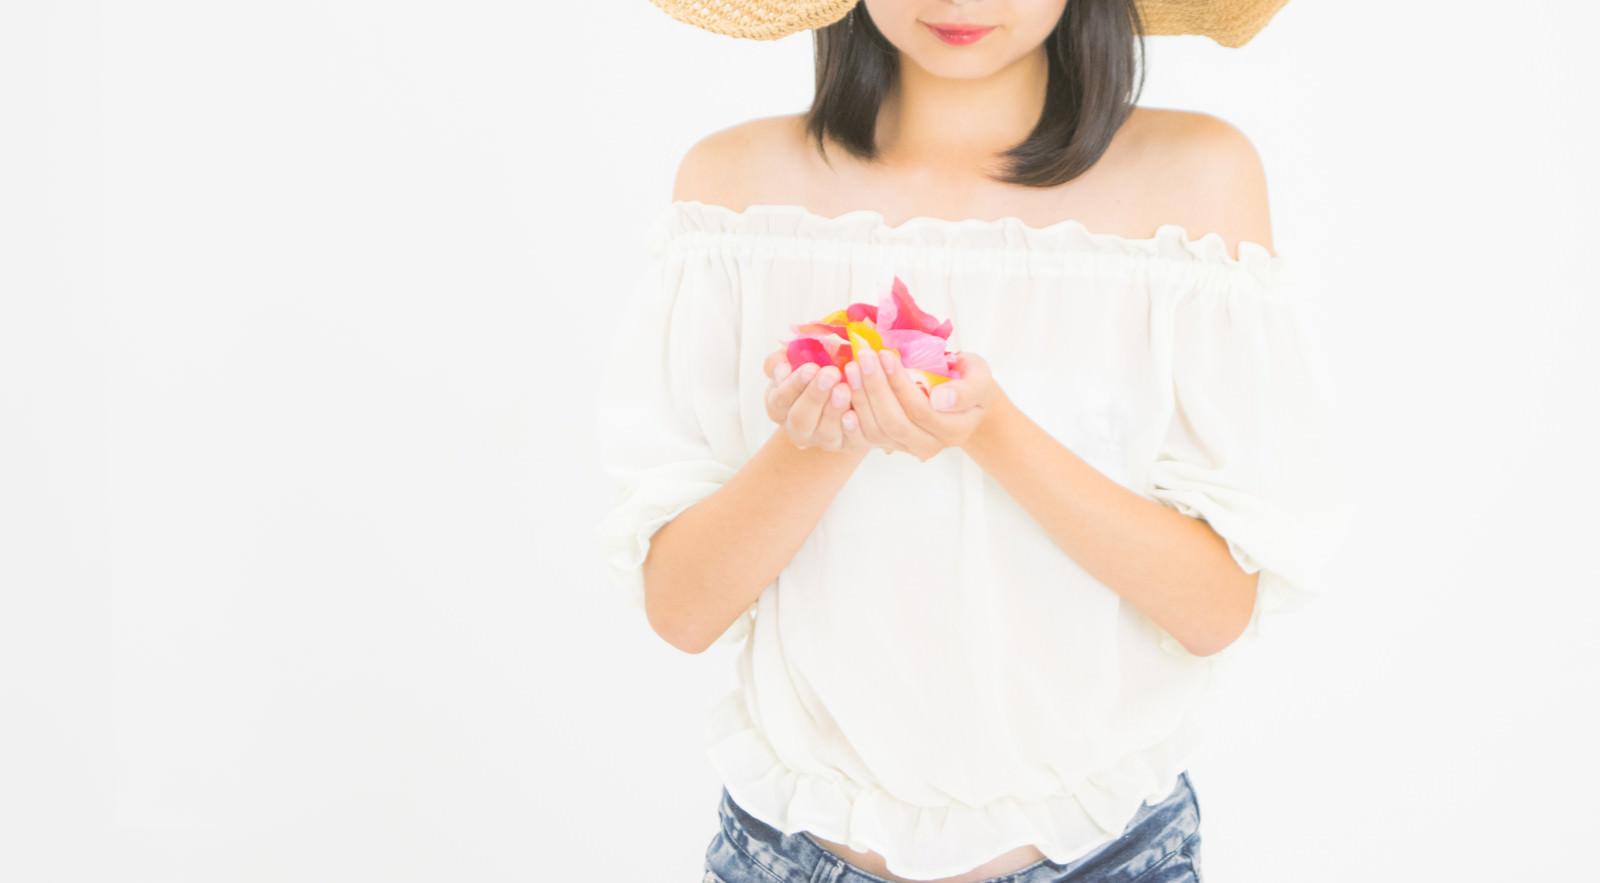 「花びらに想いを込める女性」の写真